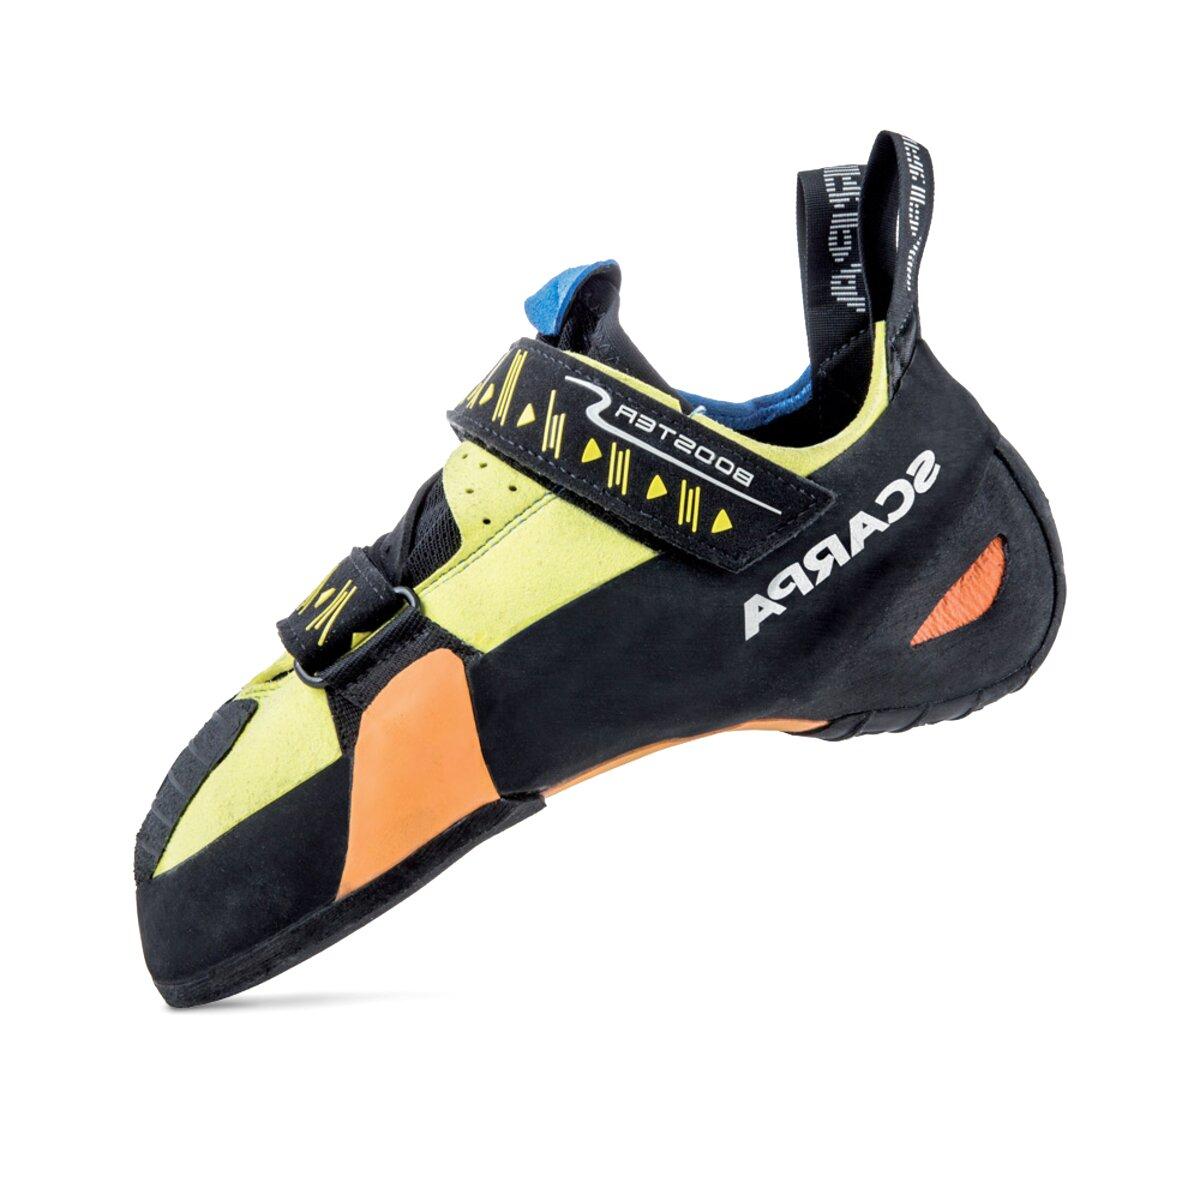 scarpa booster 44 usato